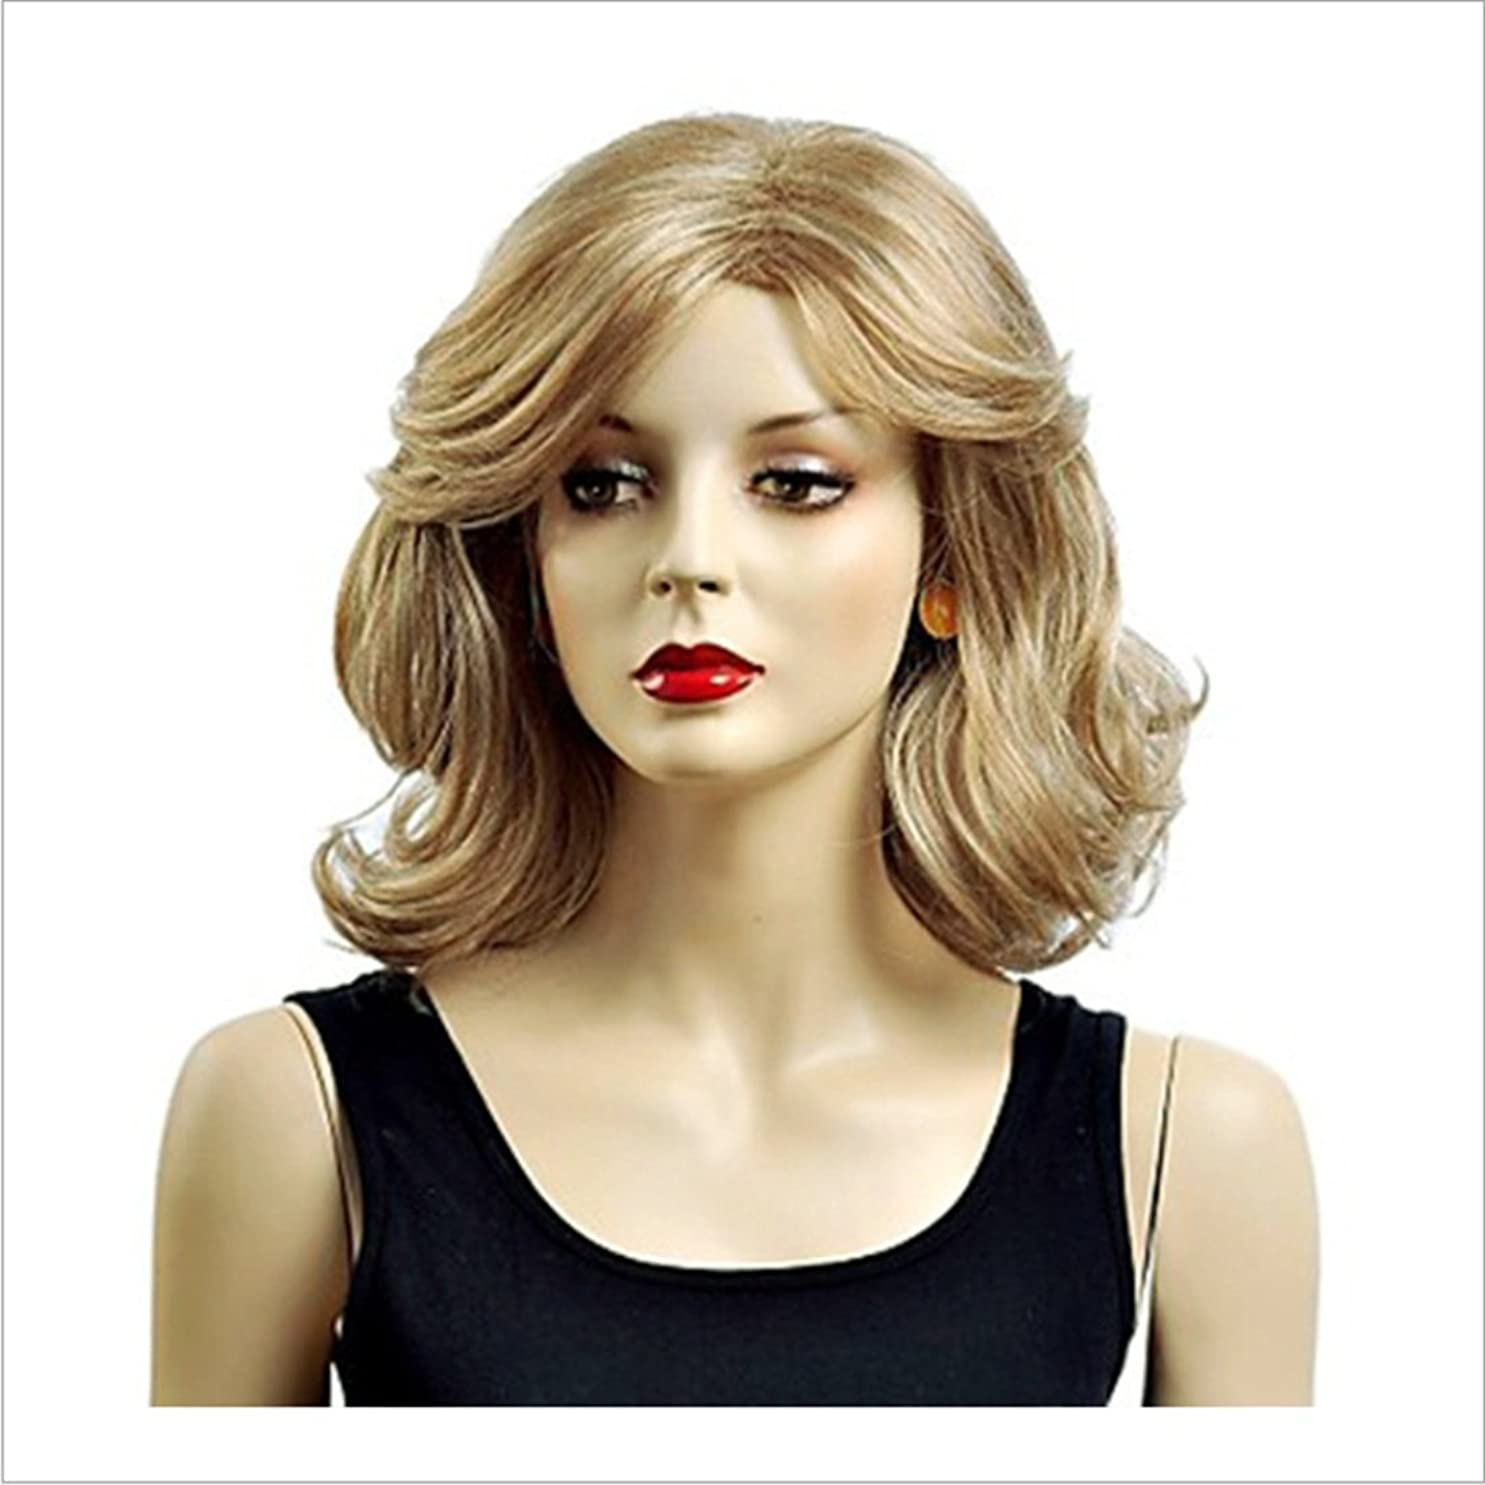 サンプル作業電話をかけるDoyvanntgo 白い女性のためのかつらゴールドカーリーウィッグ短いふわふわした波状の合成髪自然なカーリーウィッグを見て毎日のウィッグスプリットバンと耐熱16